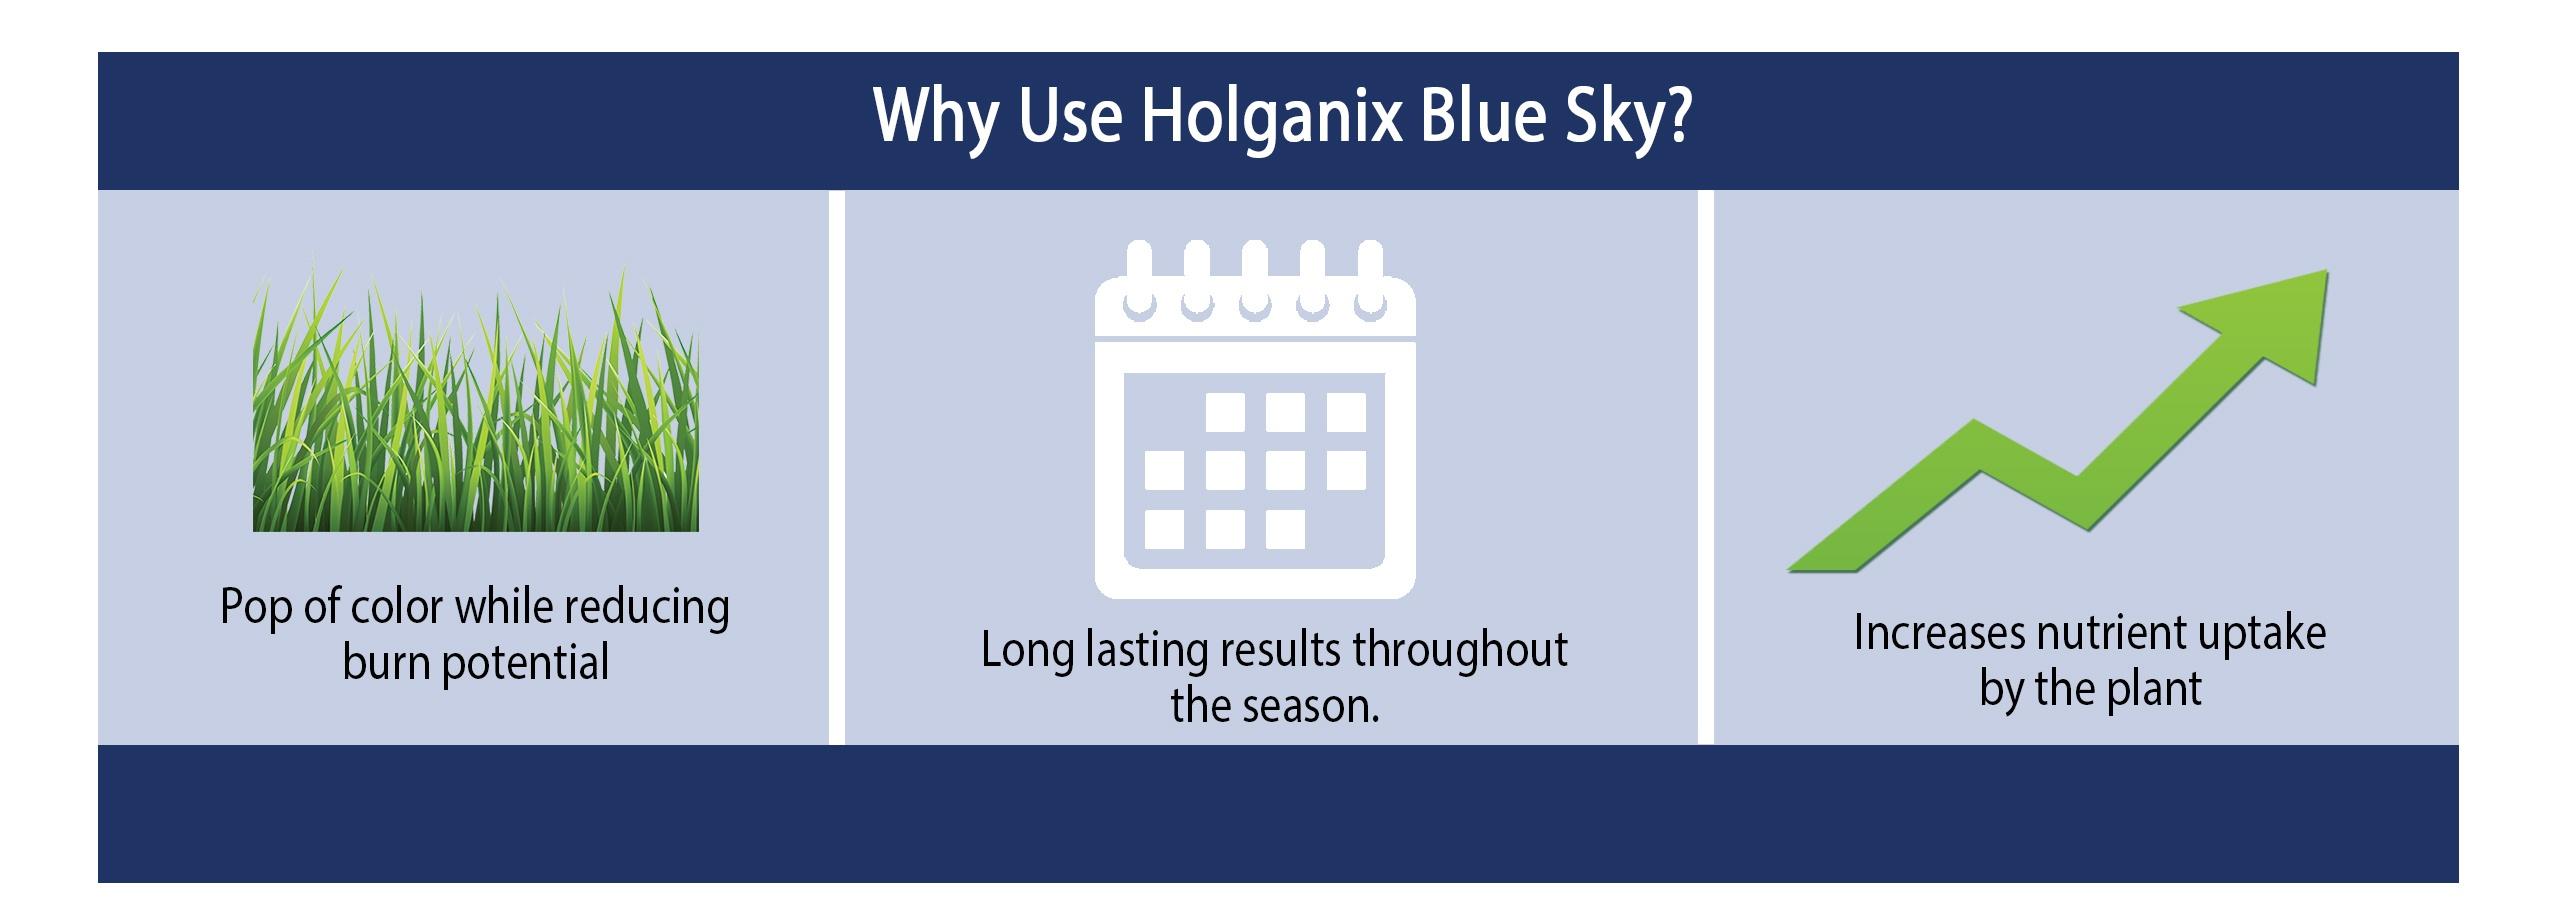 Why use Holganix blue sky v2